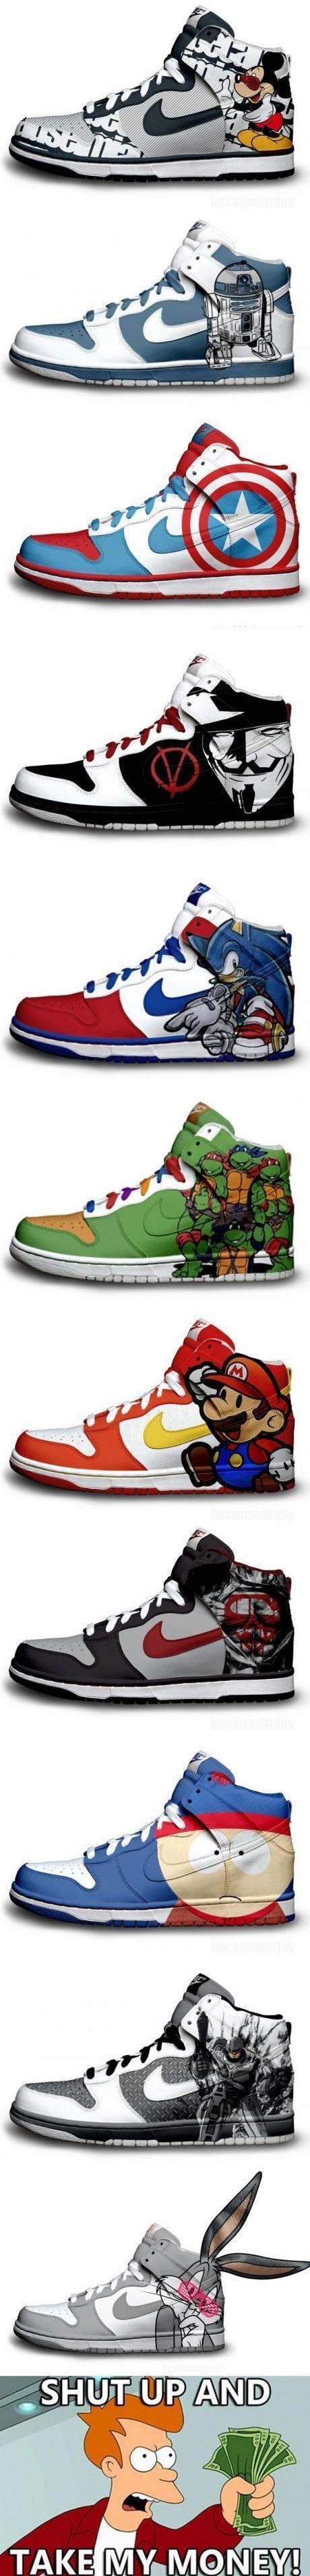 Awesome_Nike_Sneakers.jpg (236 KB)